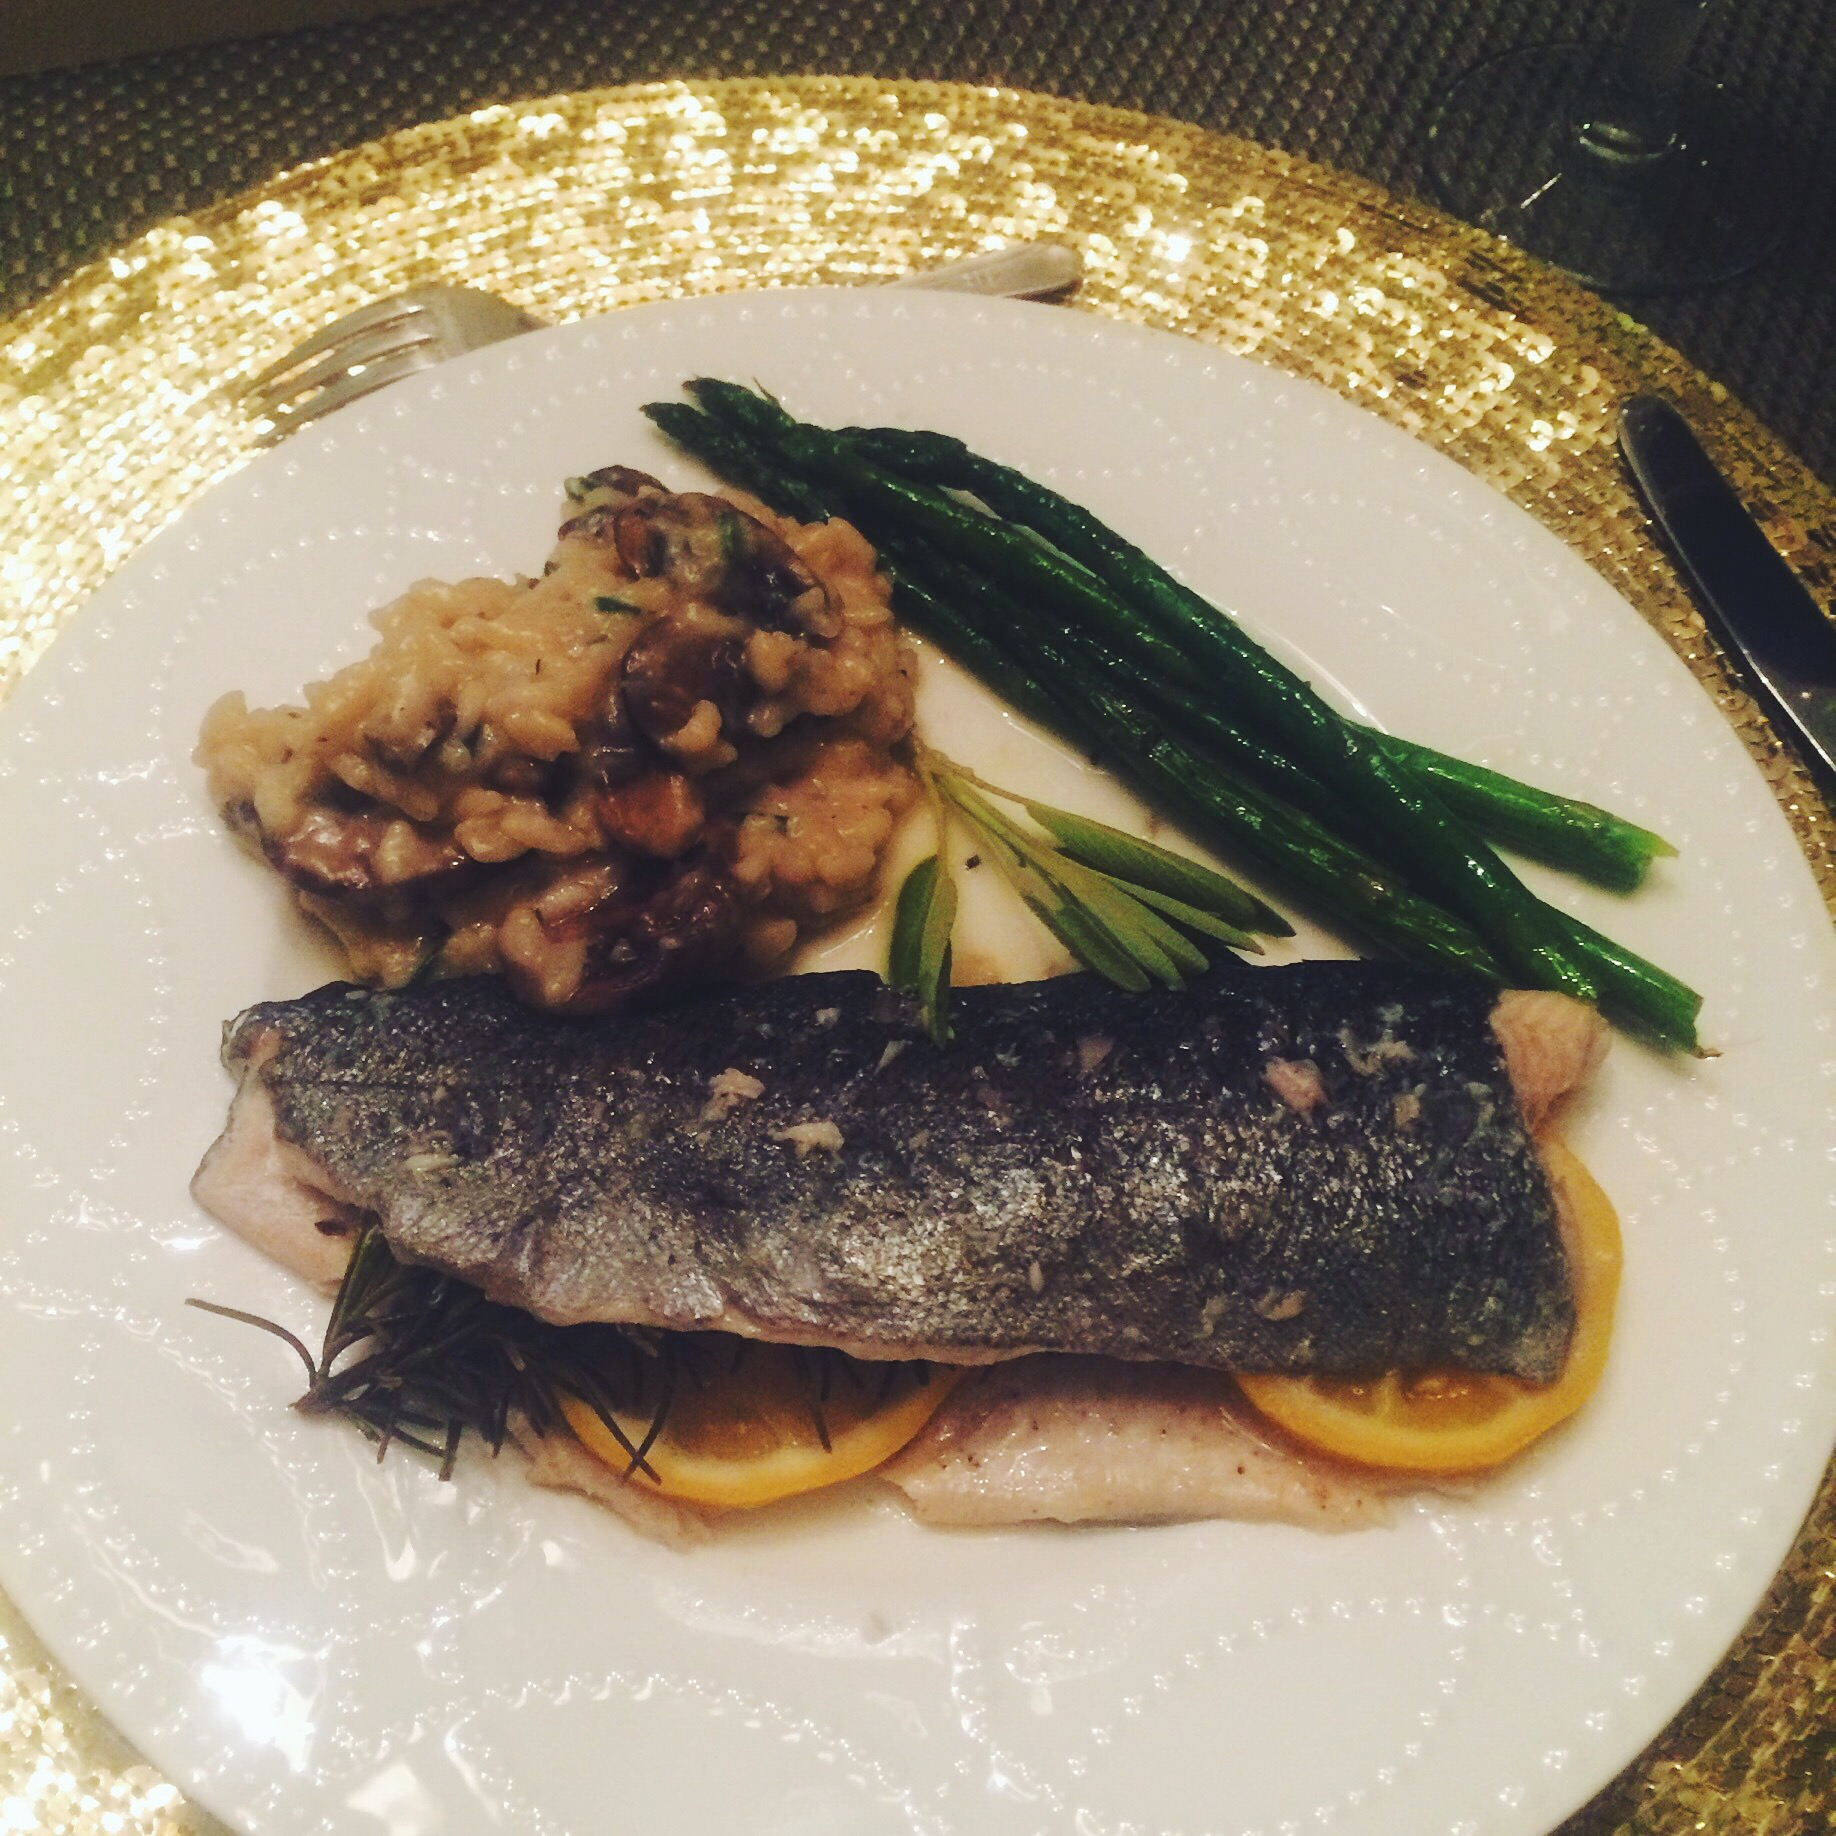 French-Inspired Dinner